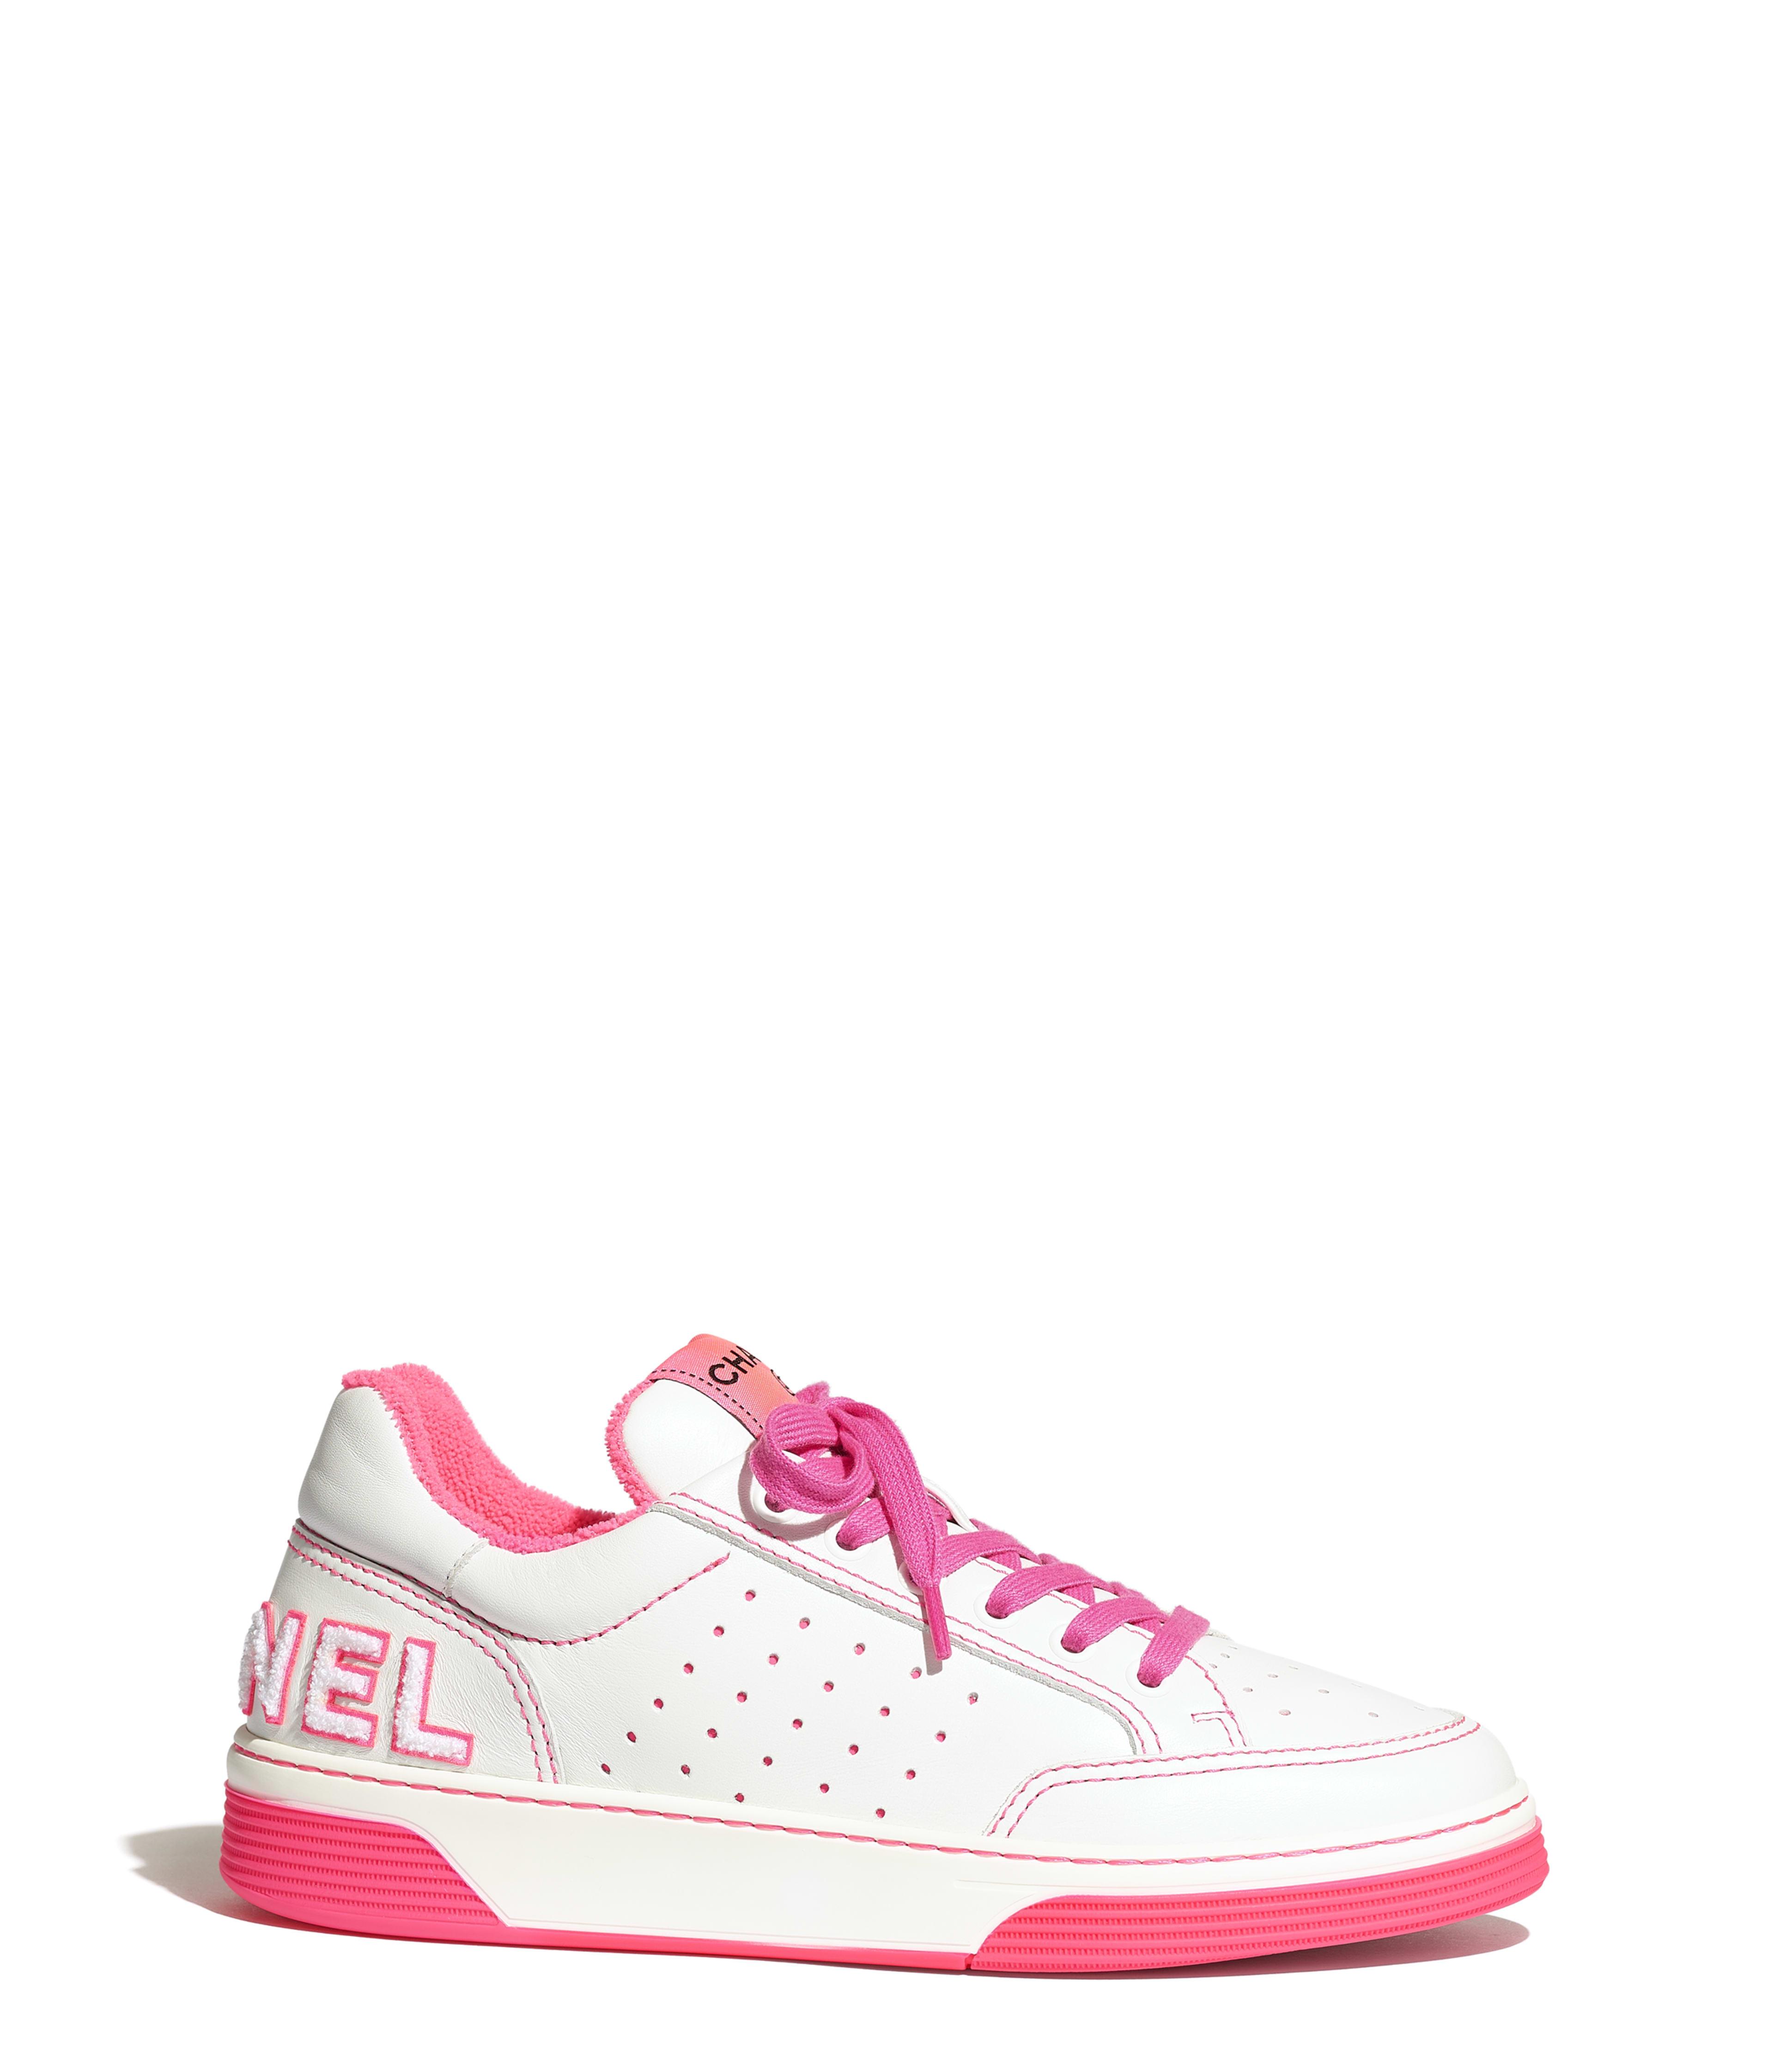 chanel basket rose